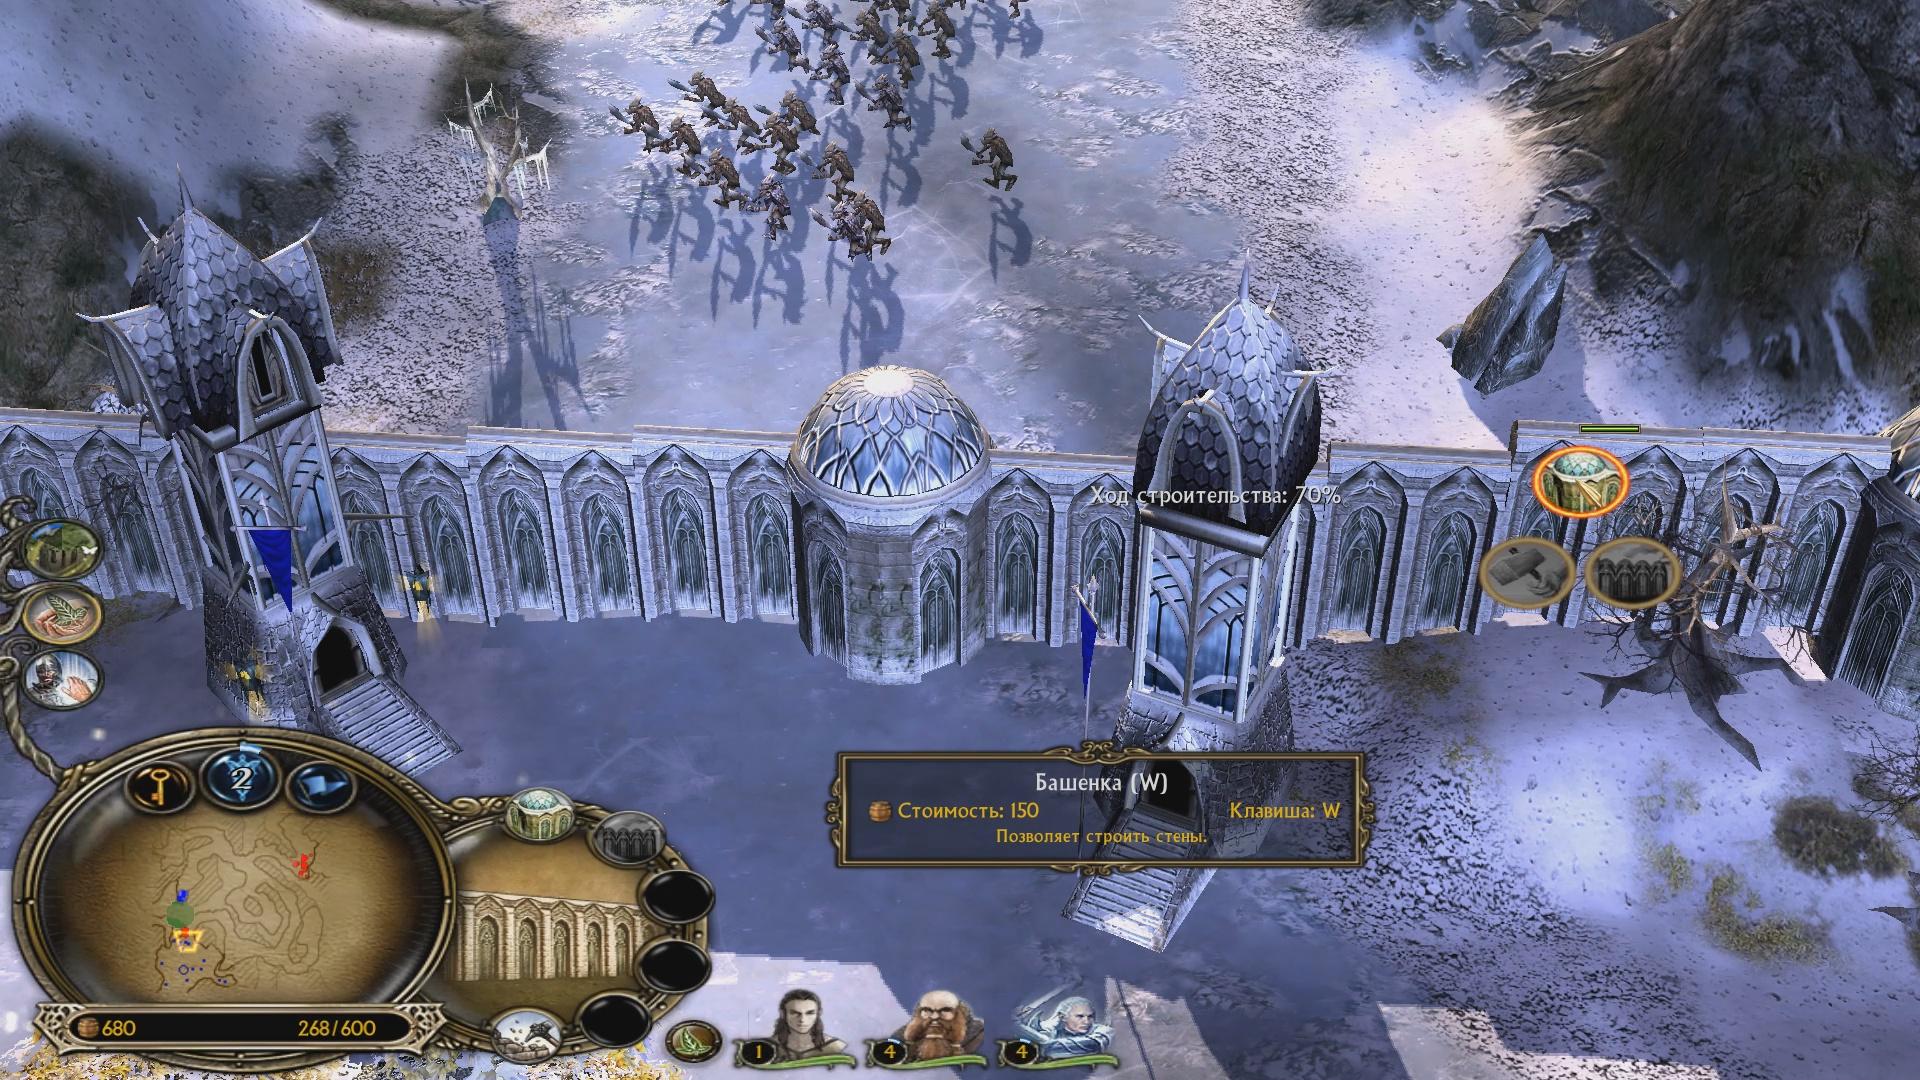 Ретроспективный обзор The Battle for Middle-Earth II | Битва за Средиземье 2. - Изображение 12